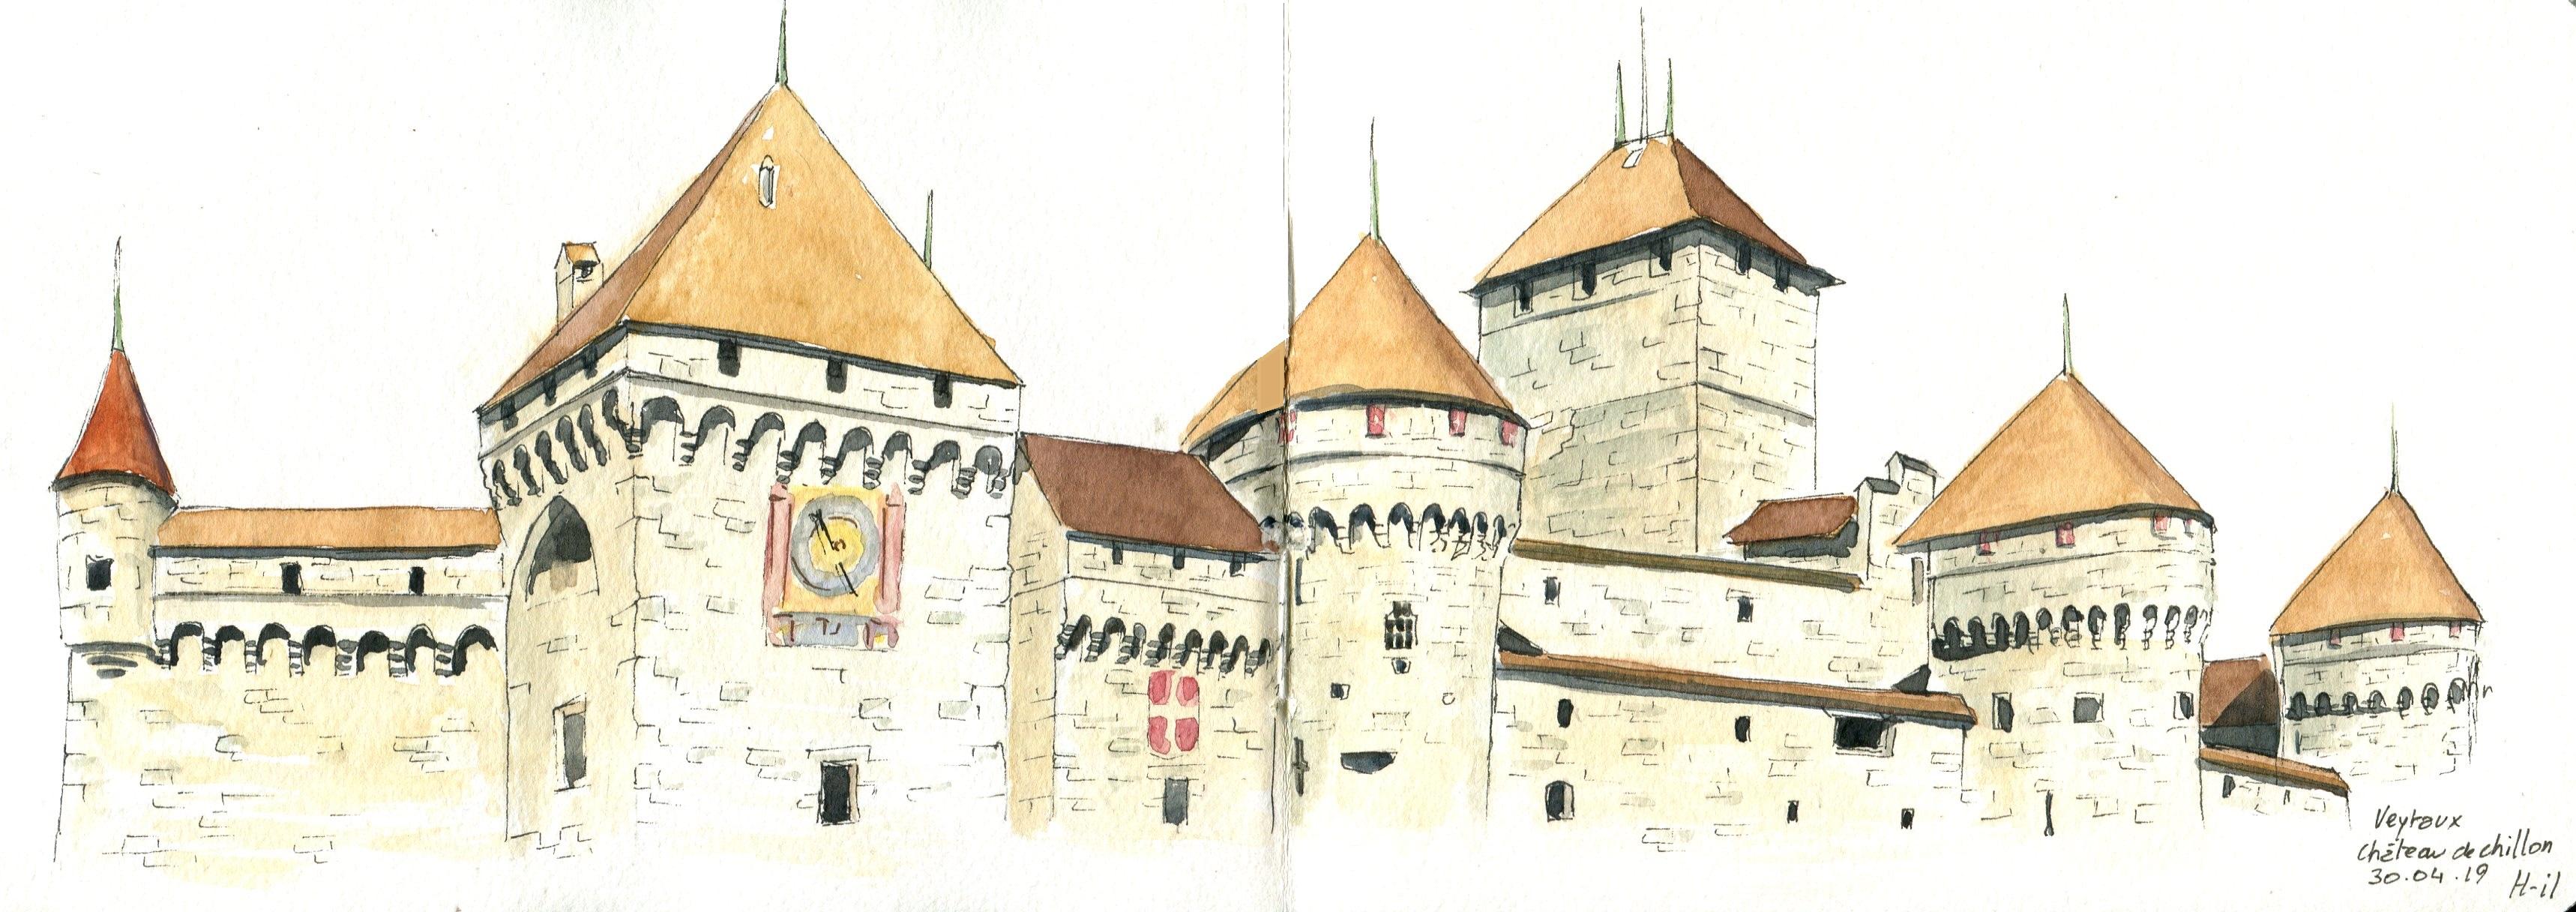 Tours de Chillon